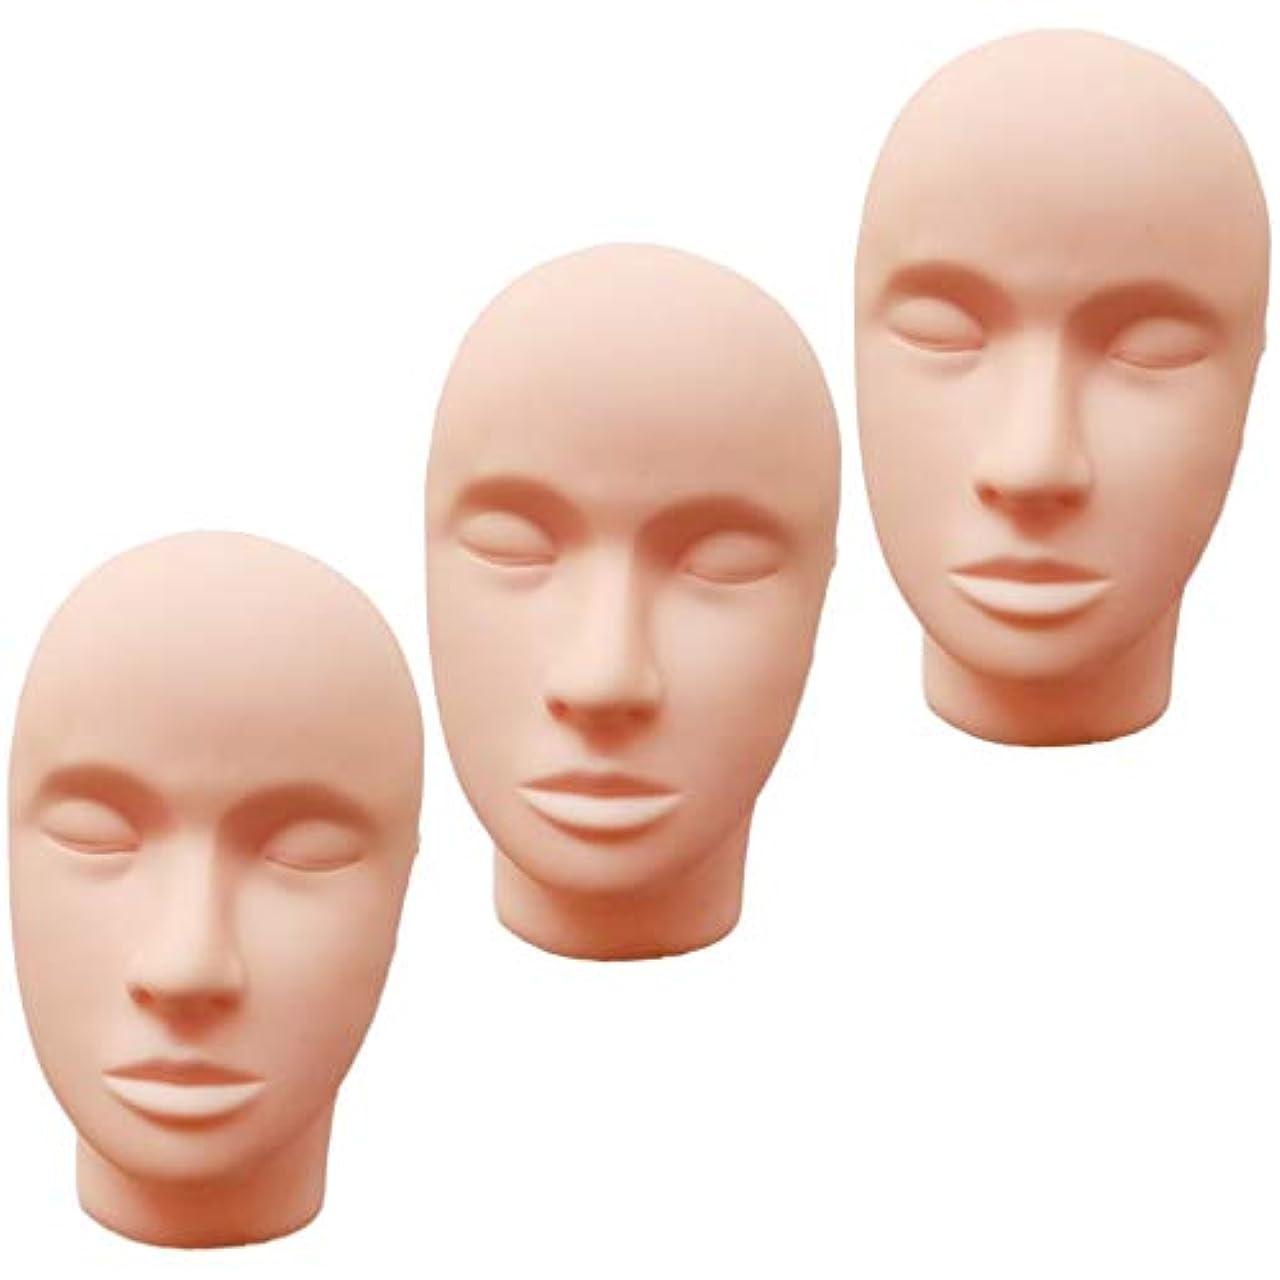 フォージ春学部長T TOOYFUL ヘッドマネキン メイク練習用 モデル 化粧 フェイス メイクアップ まつげエクステ 繰り返し利用